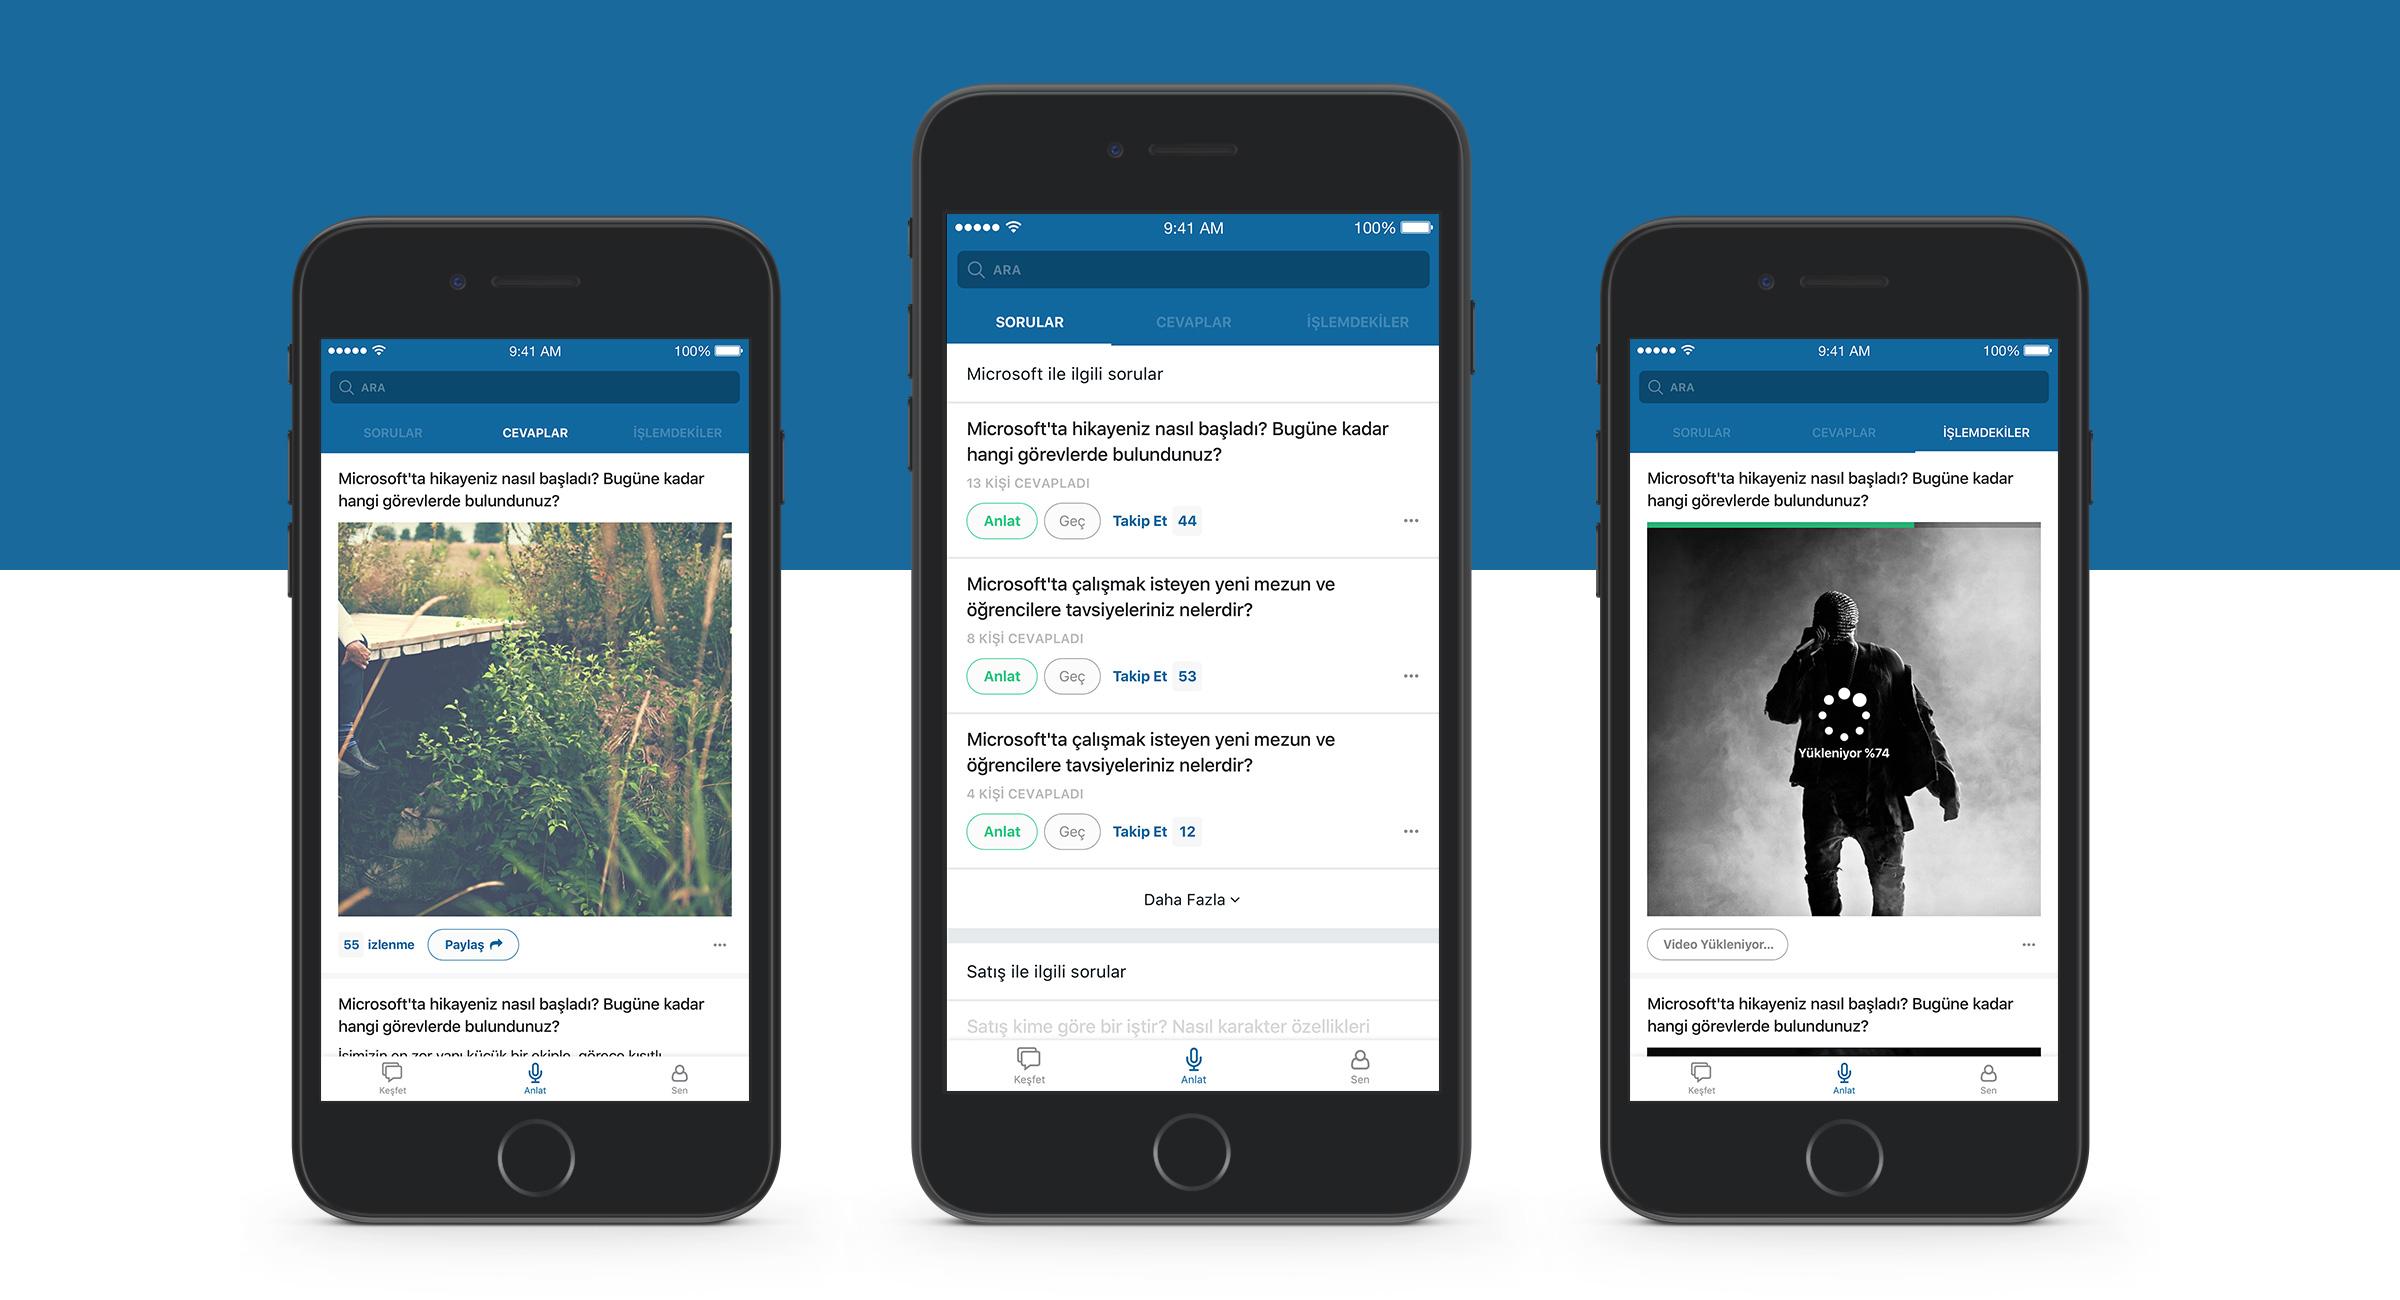 anlatsin-app-ui-ux-content-03-questions